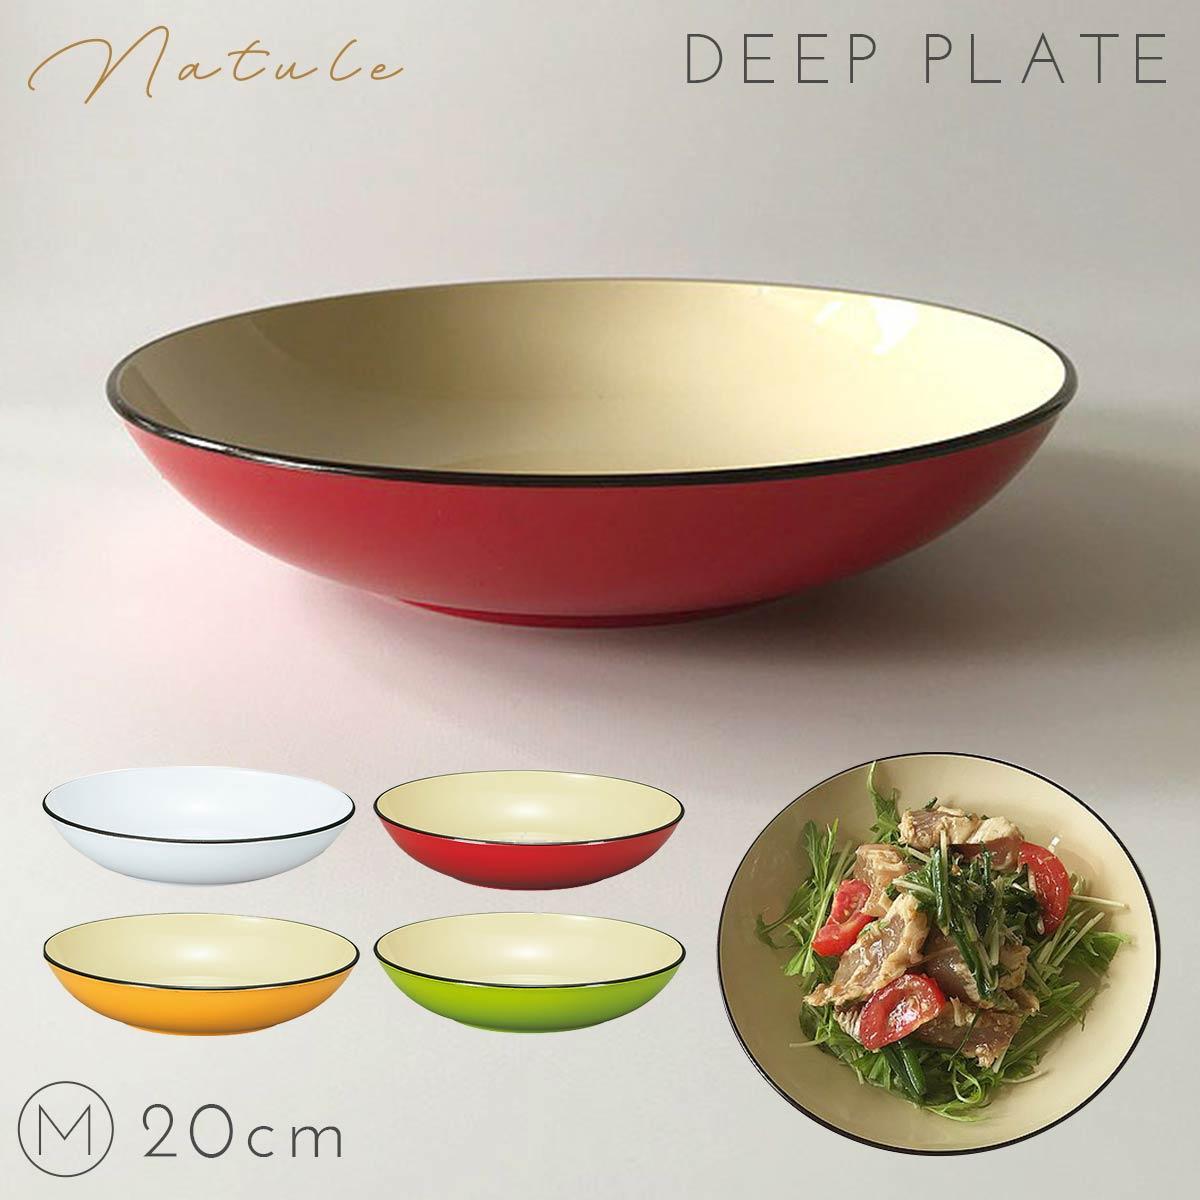 カレー皿 シチュー皿 パスタ皿 カラフル 日本製 プラスチック 割れない 食洗機対応 食洗器対応 電子レンジ対応和洋皿 M ナチュール アウトドア キャンプ ピクニック